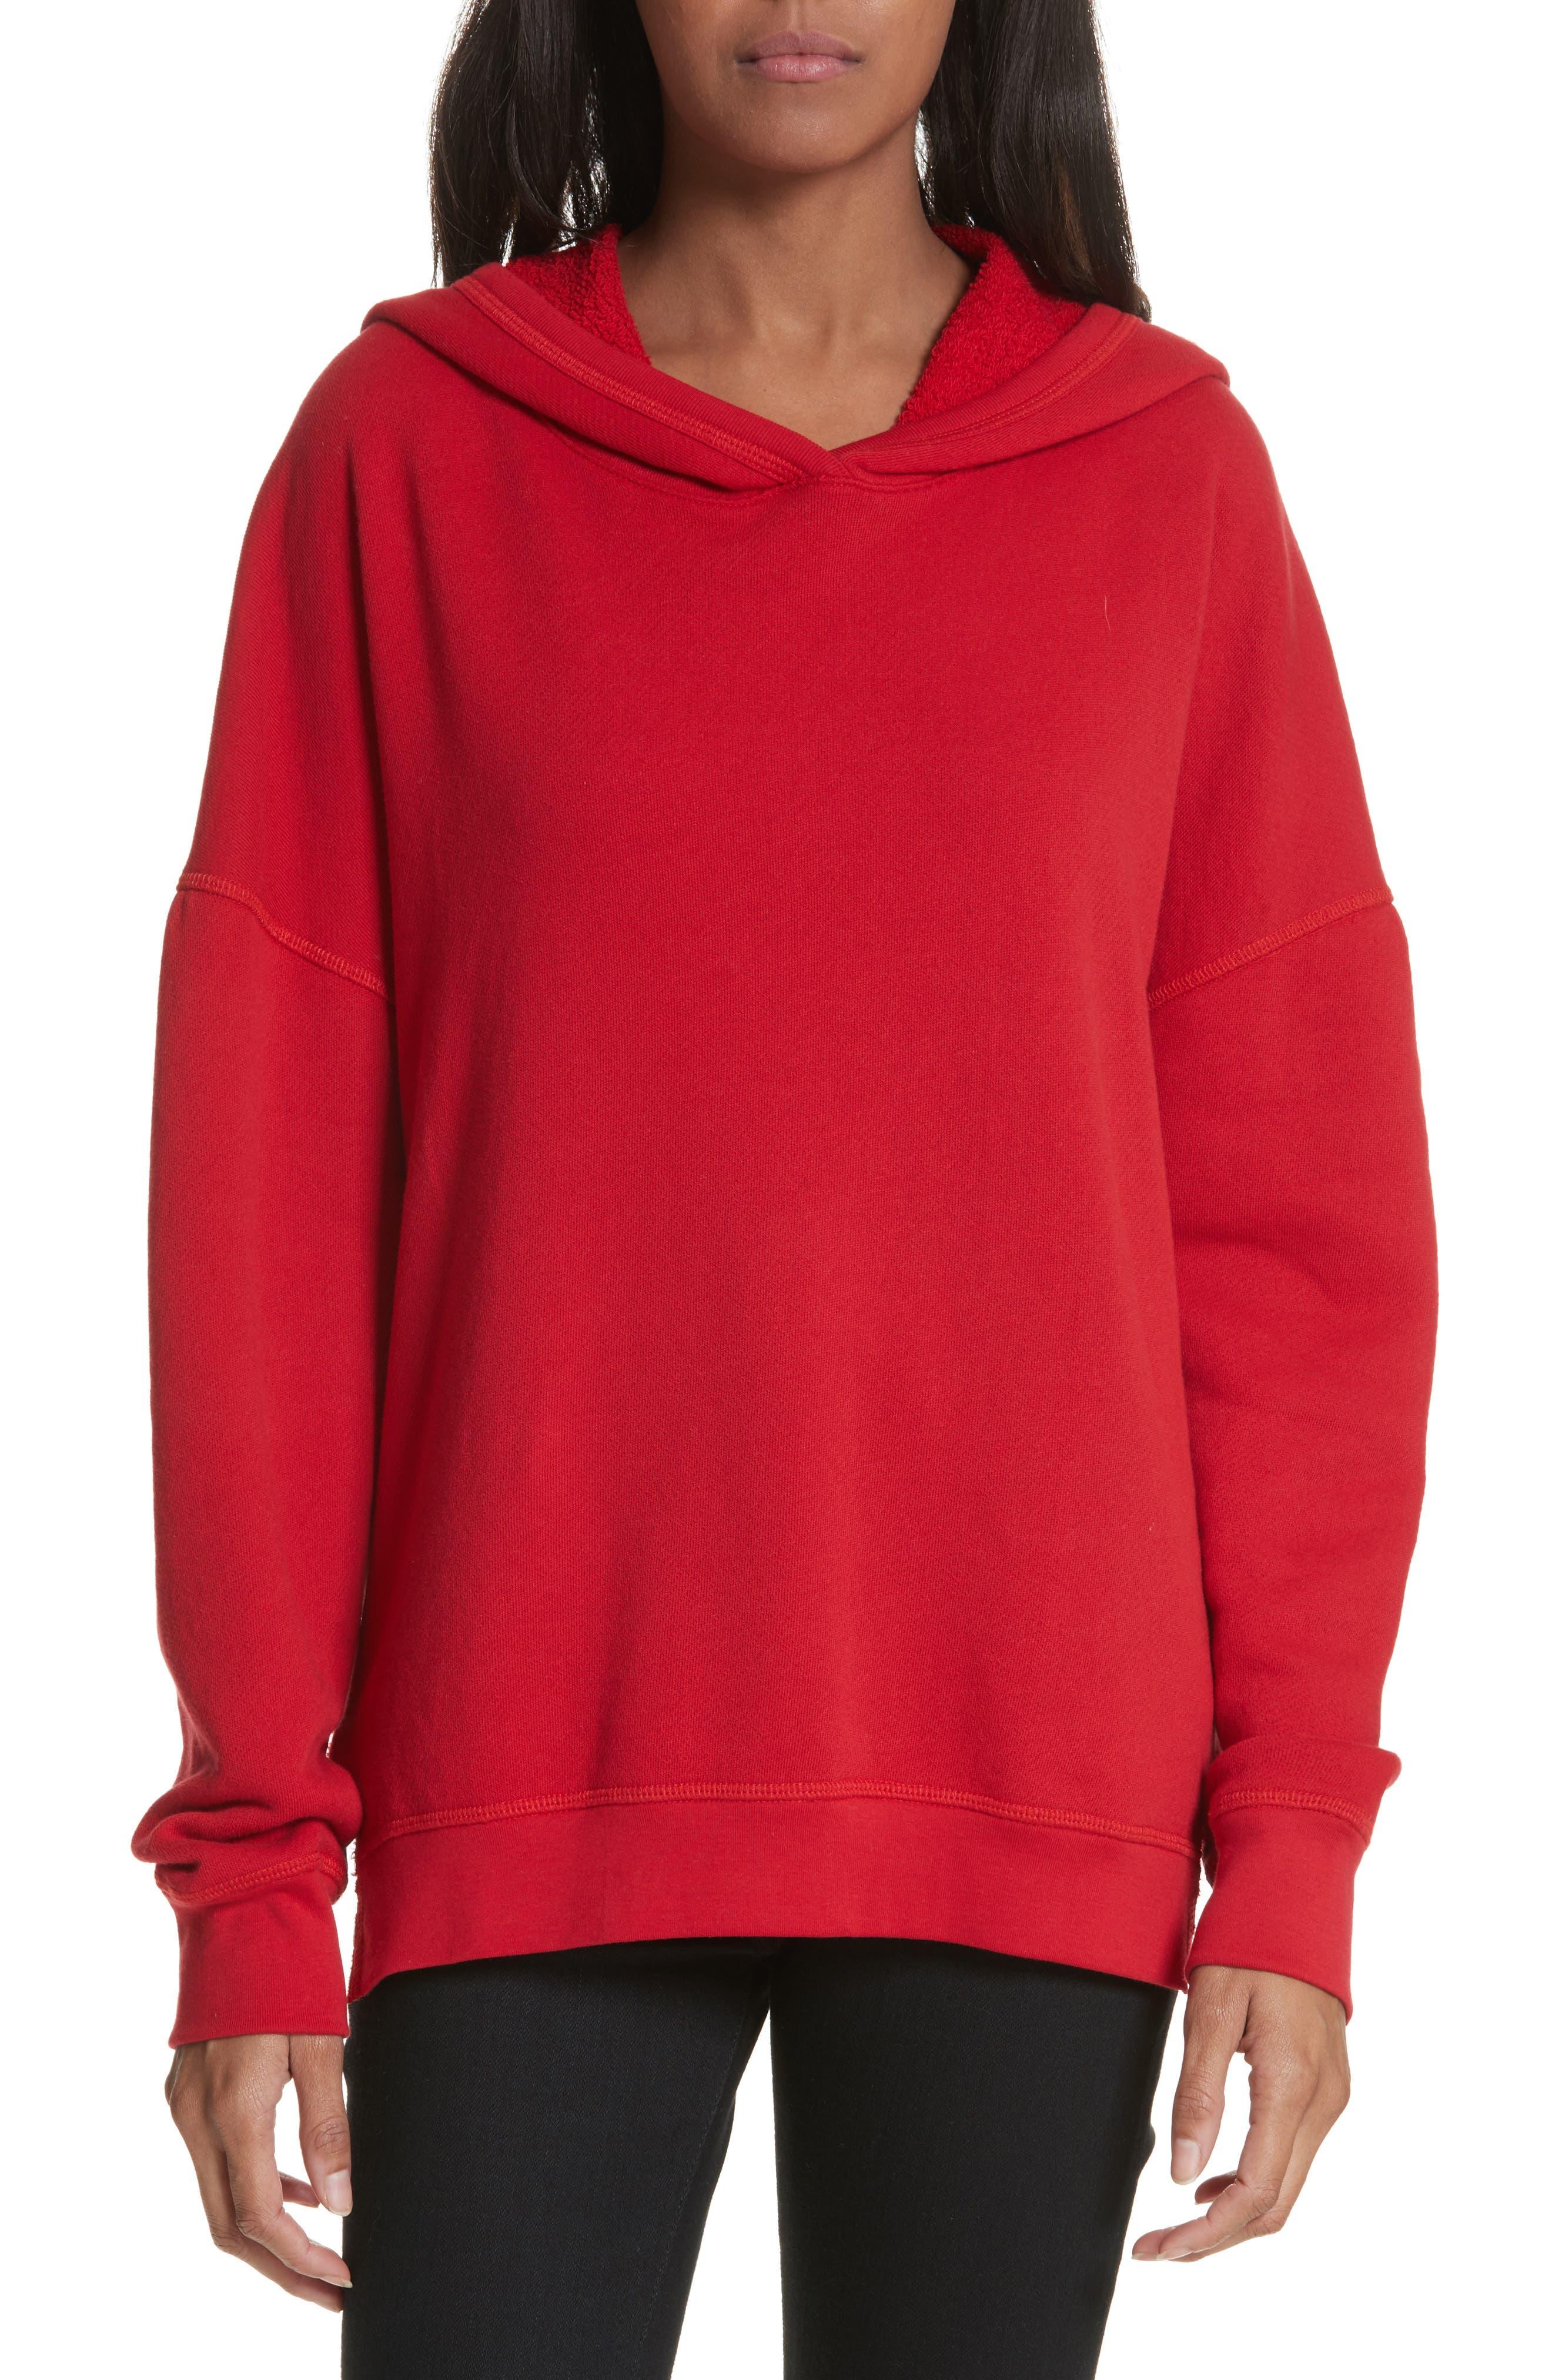 Adene Hooded Sweatshirt,                             Main thumbnail 1, color,                             600